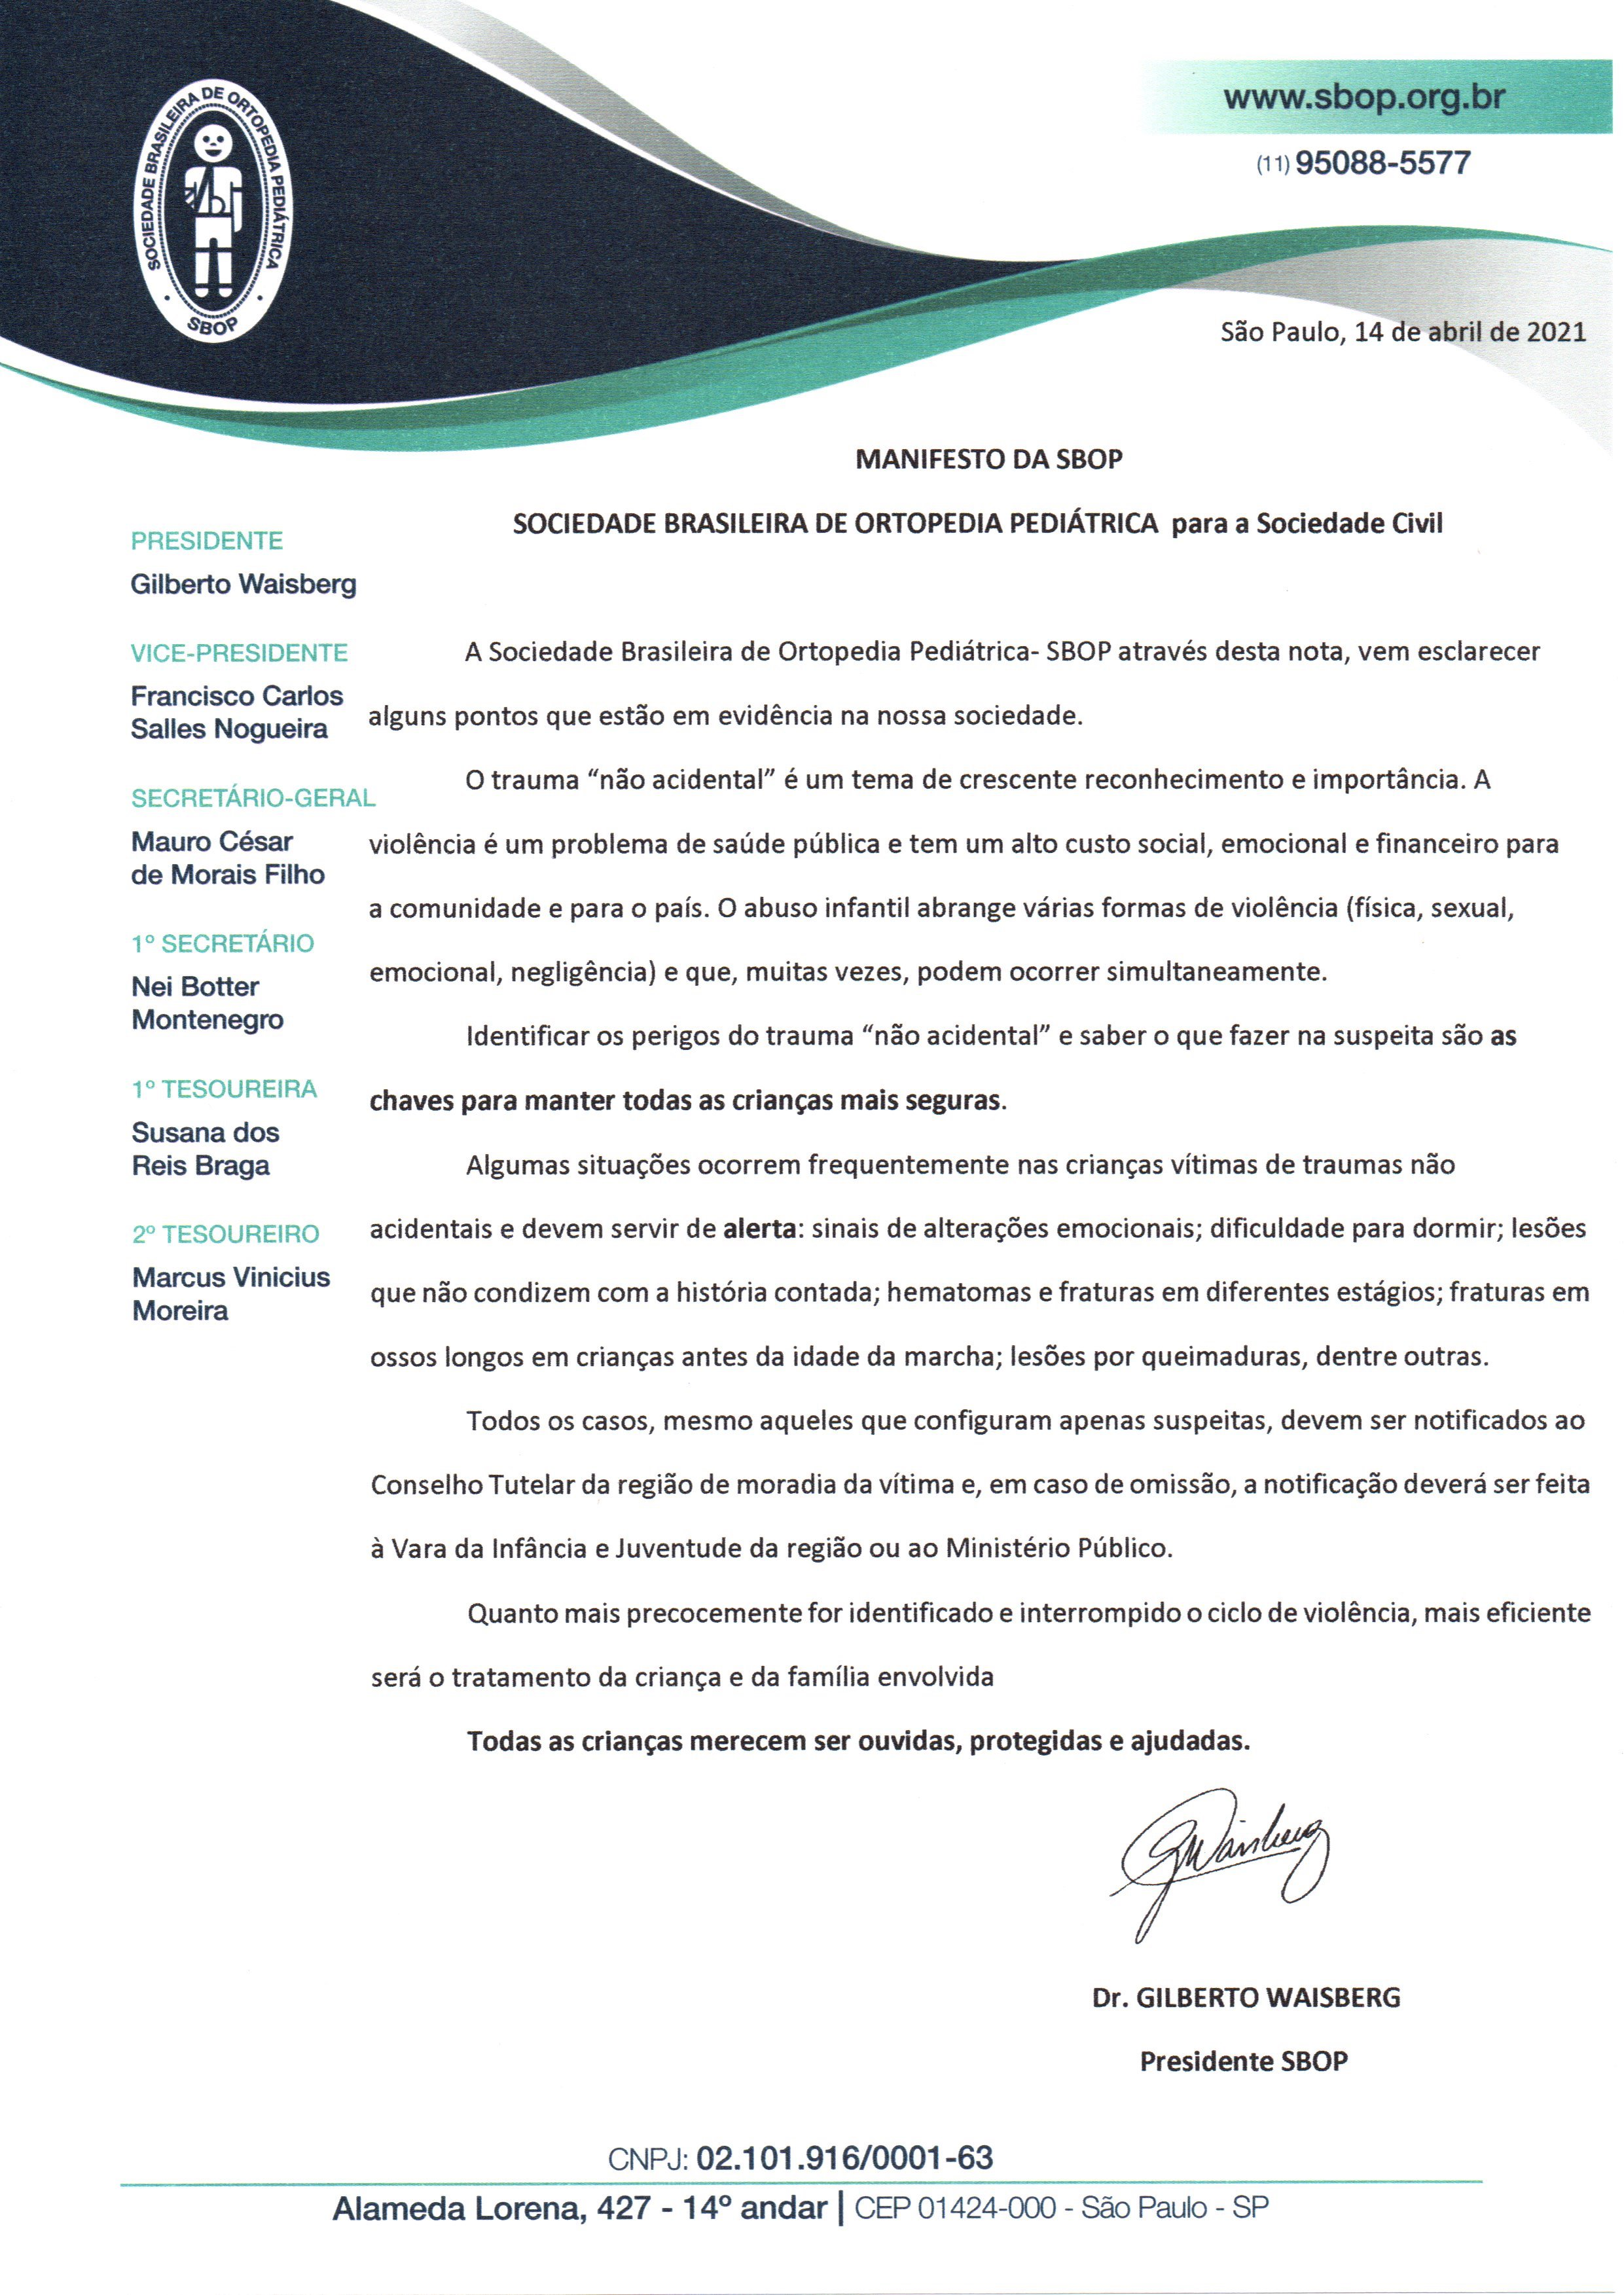 Manifesto SBOP